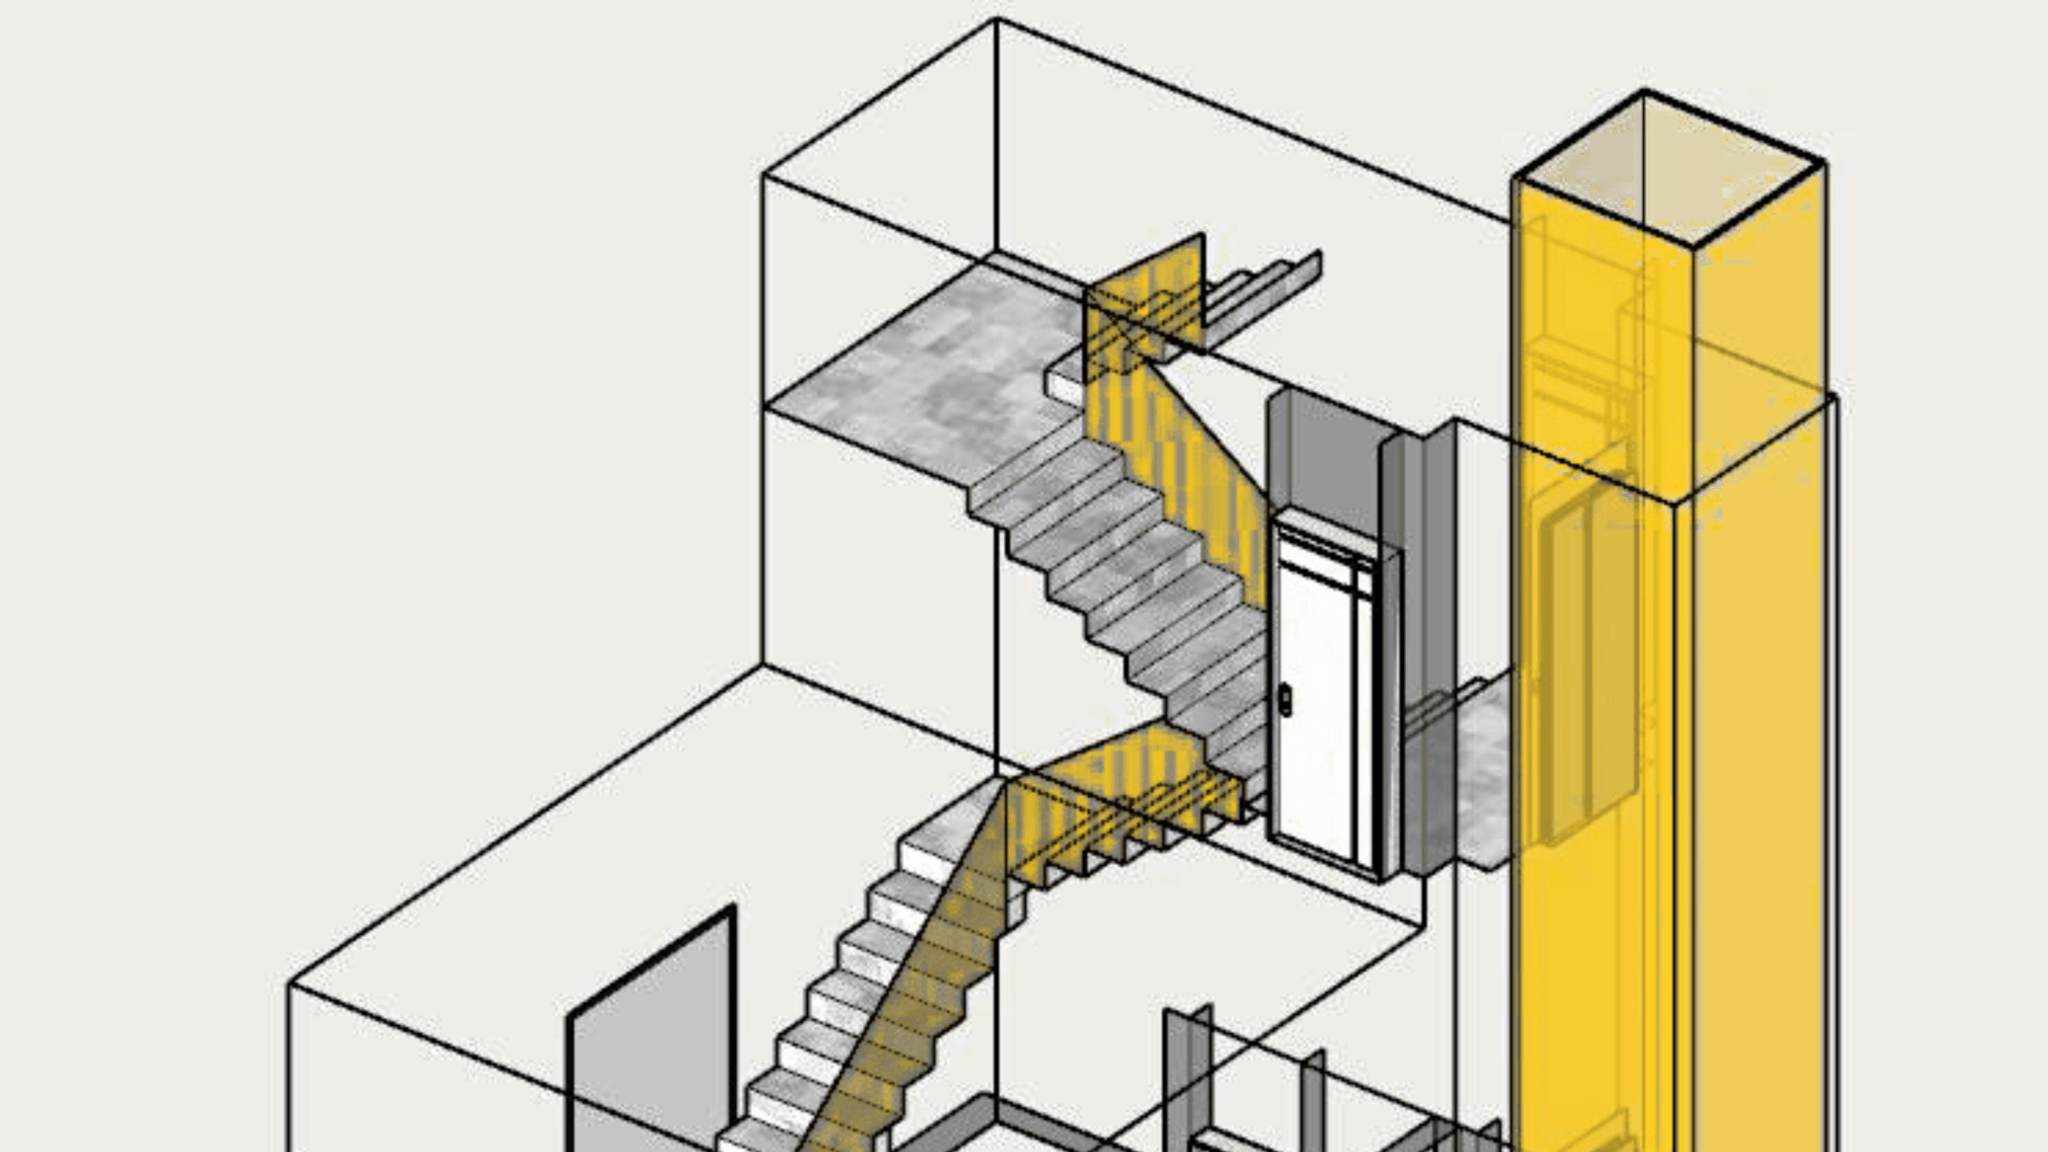 Ejemplos-de-bajada-a-cota-cero-garantiza-la-accesibilidad-de-tu-edificio-2048x1152